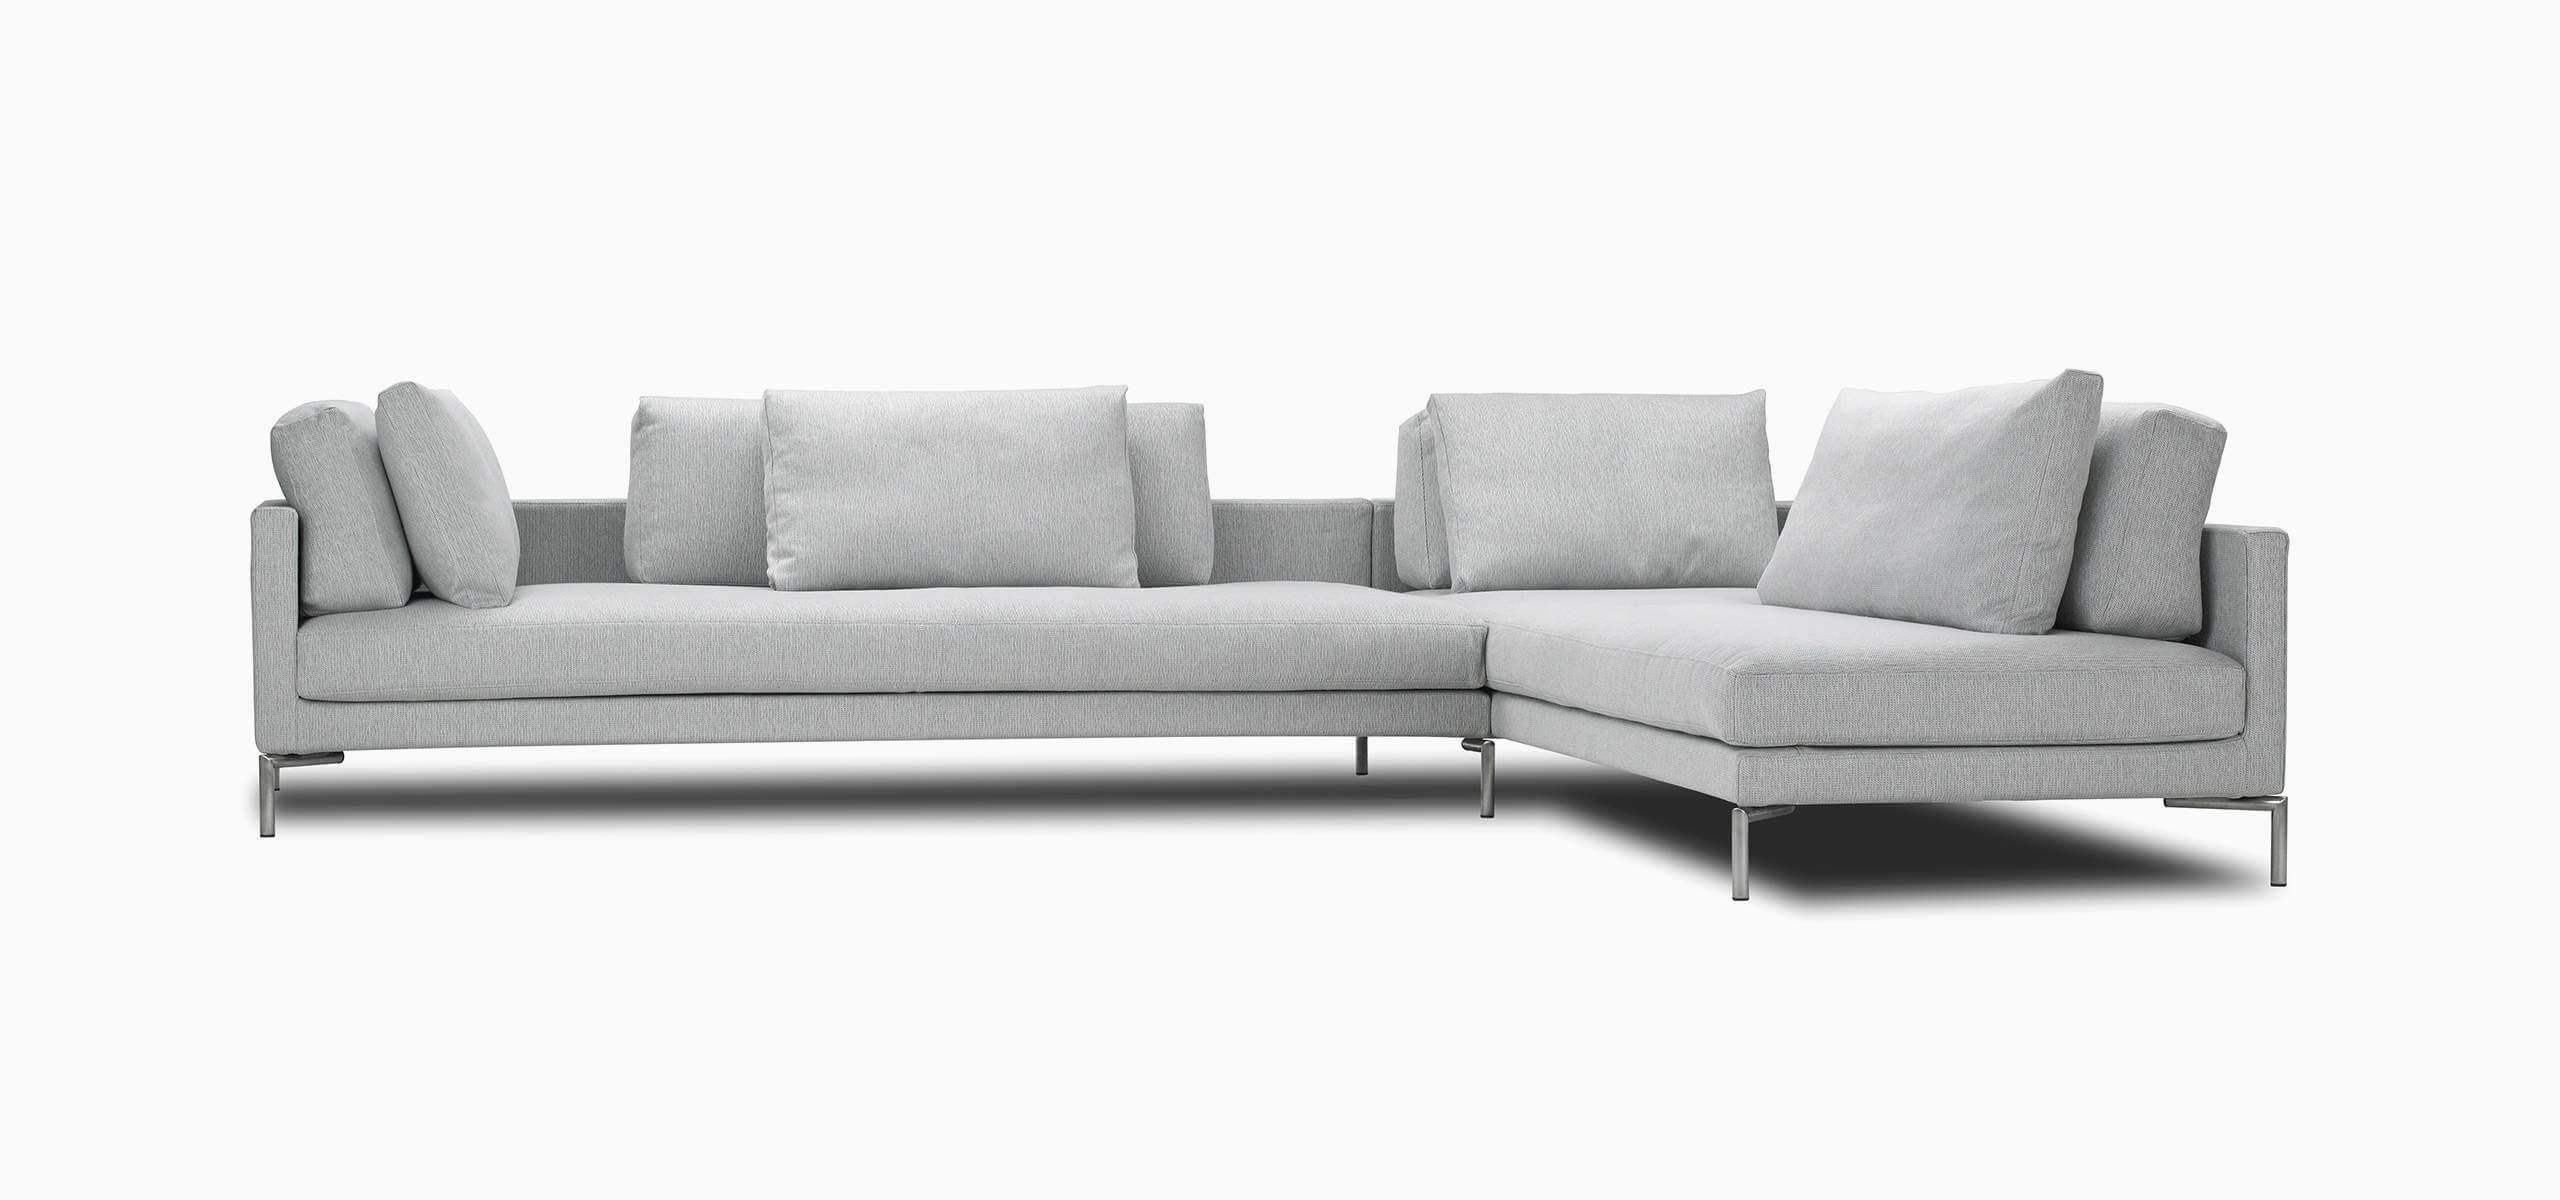 Verzauberkunst Sofa 150 Cm Ideen Von Plano